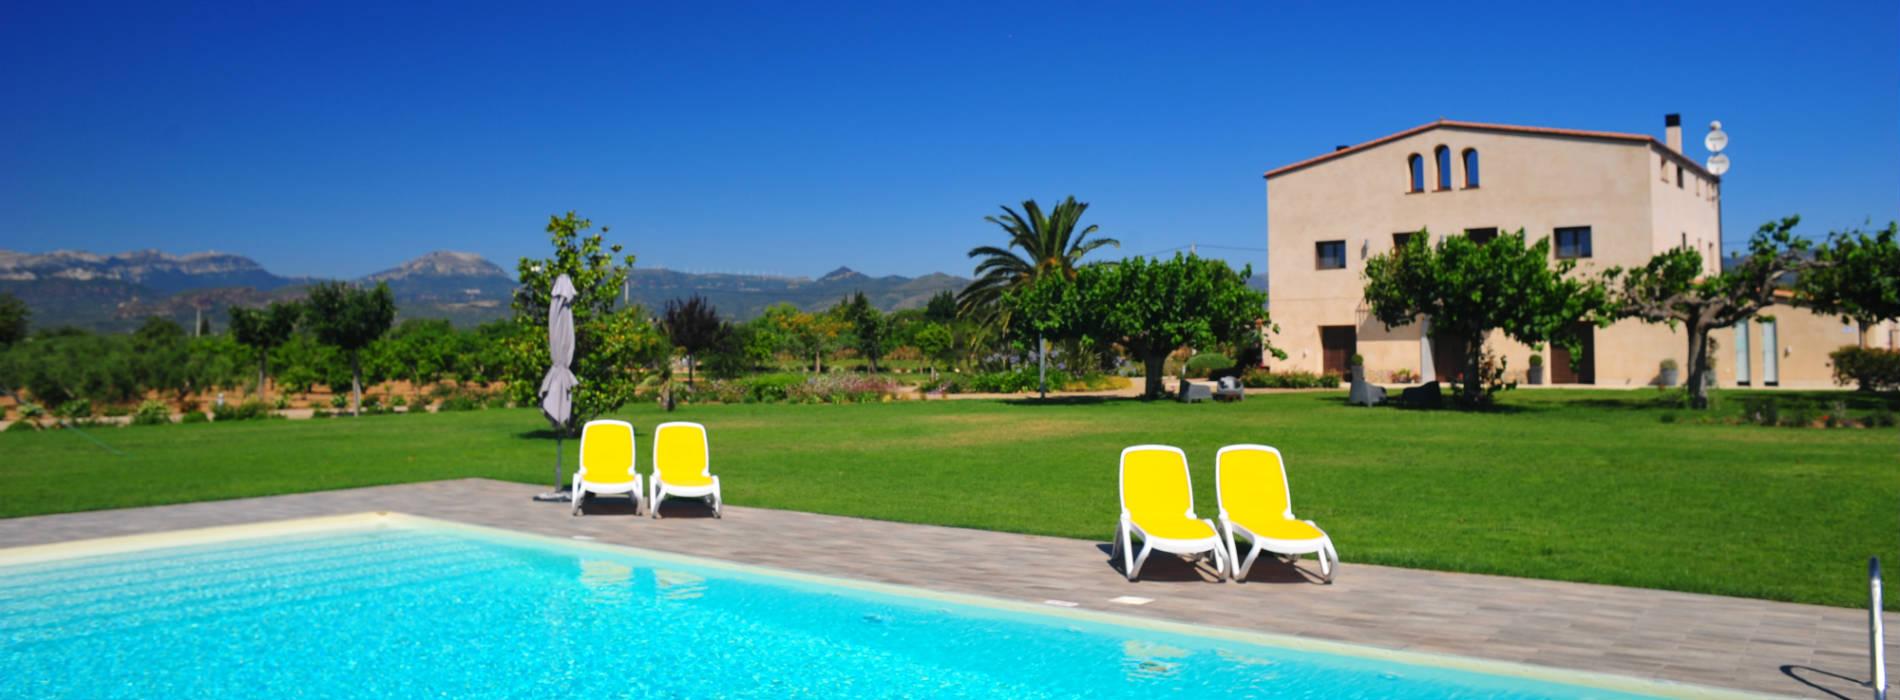 Mas Montbrio Belvedere piscina jardín imagen-1